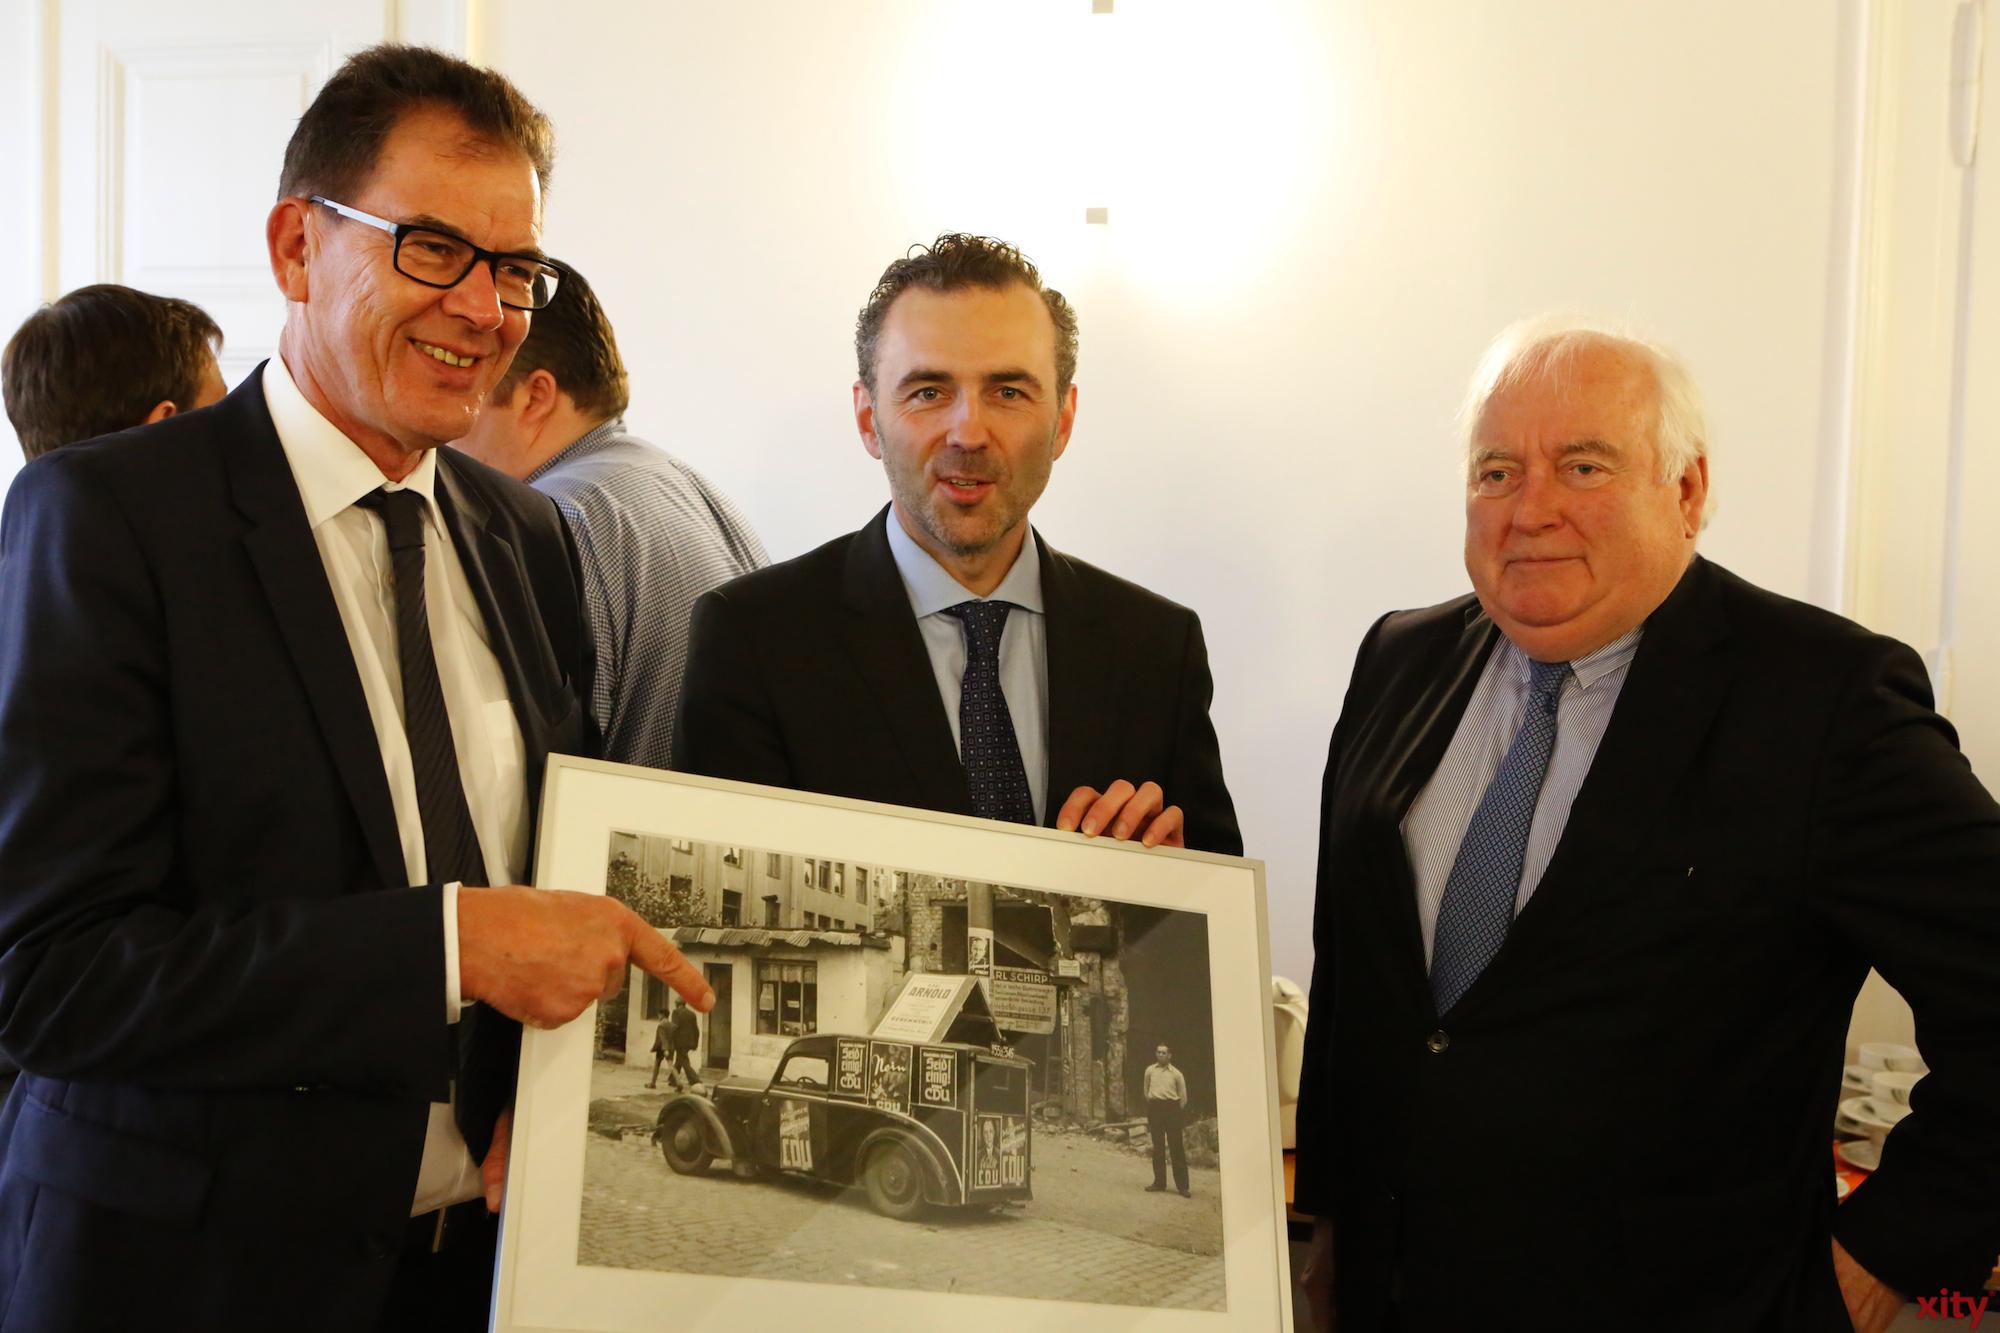 Von Bürgermeister Friedrich G. Conzen (r.) gab es ein Bild zur Eröffnung (Foto: xity)